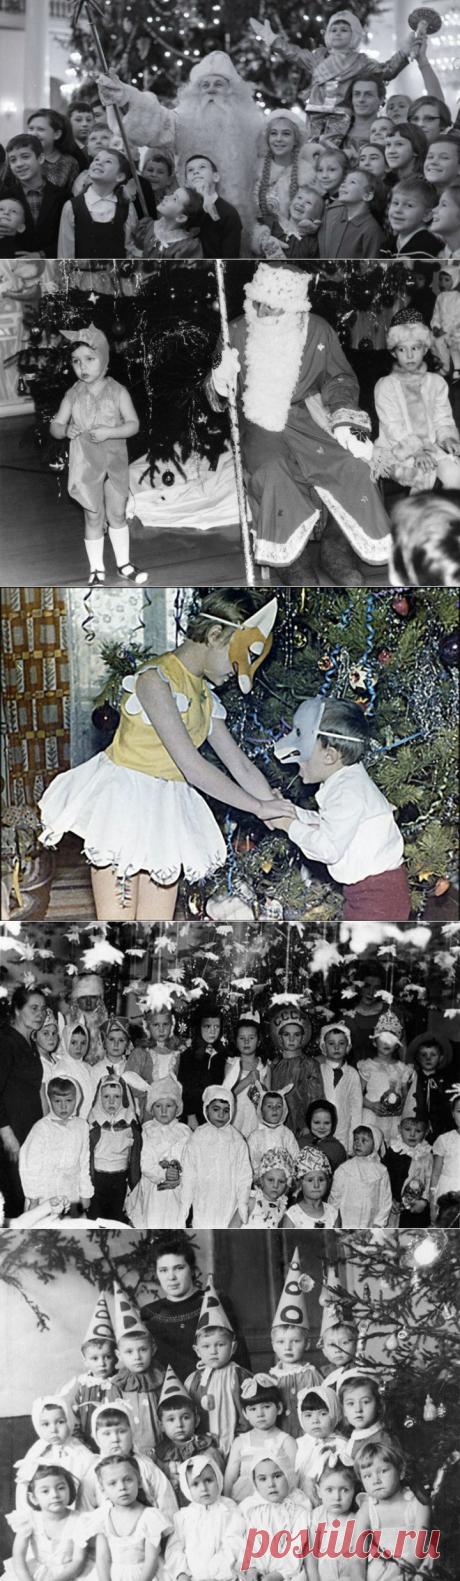 10 самых популярных костюмов новогодних детских утренников / Назад в СССР / Back in USSR